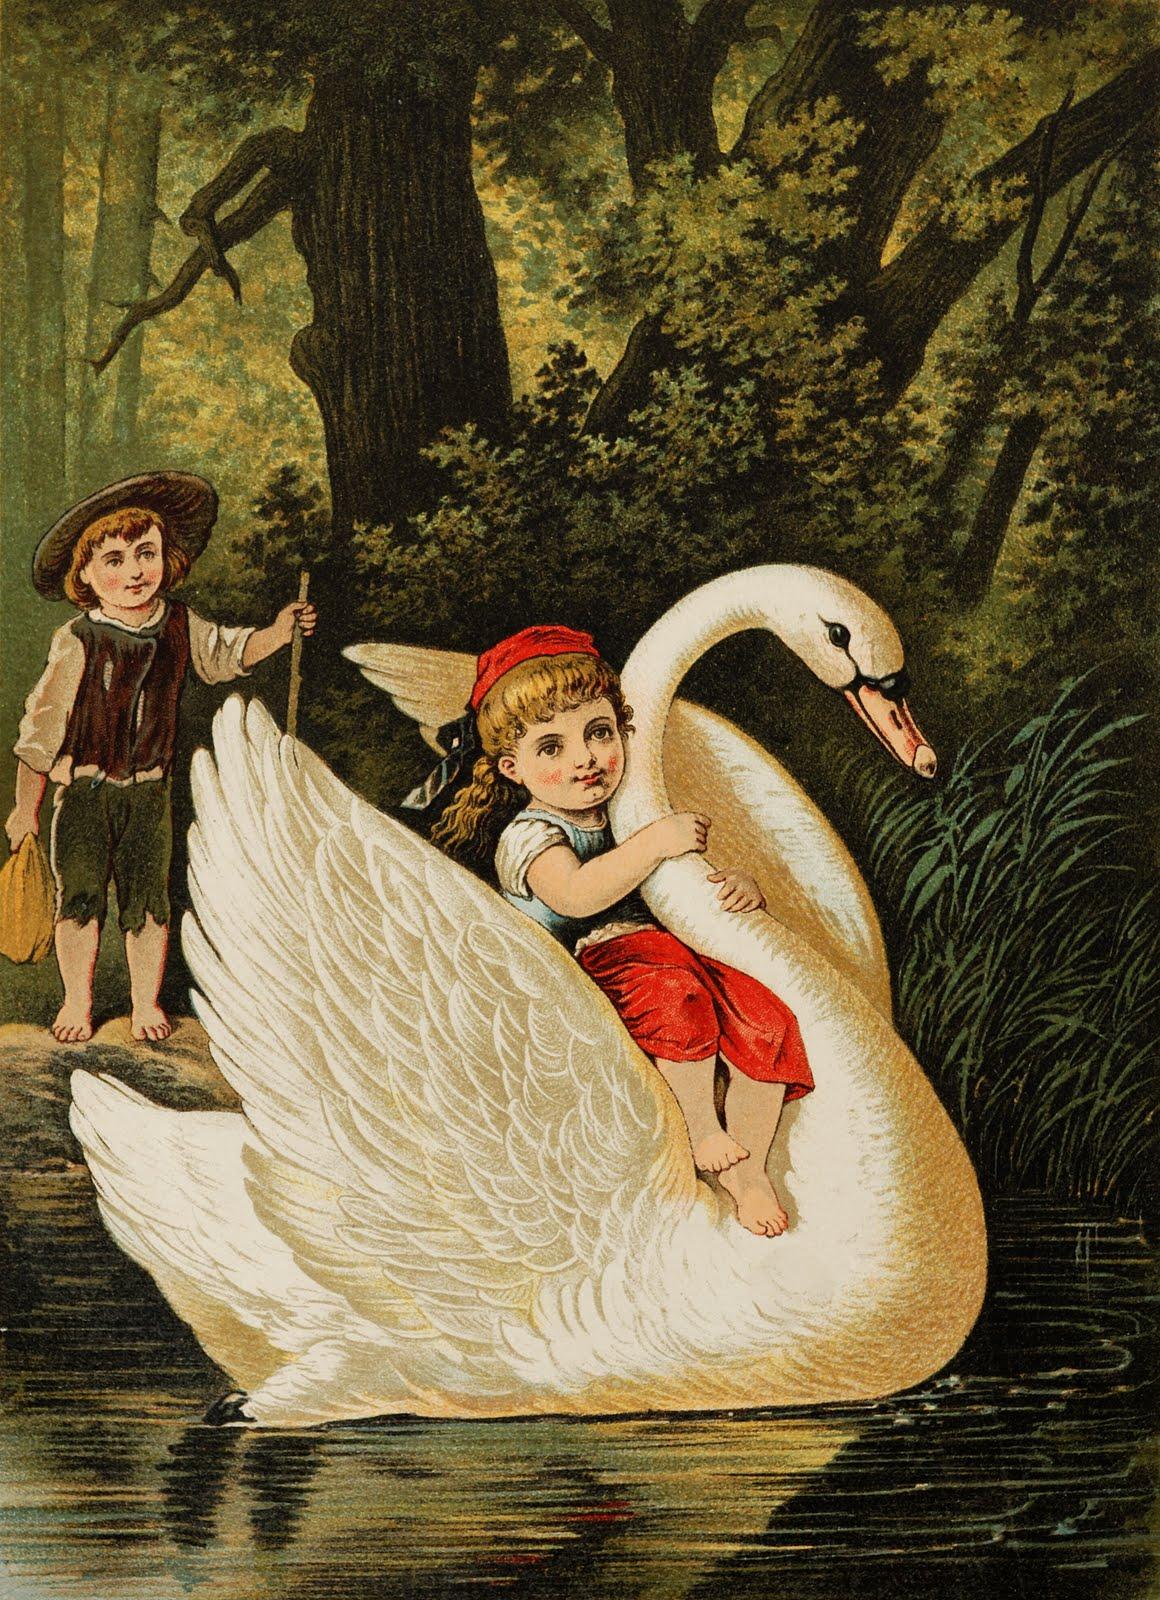 Dạy con biết trân quý sinh mệnh qua truyện cổ Grimm Hansel và Gretel.3